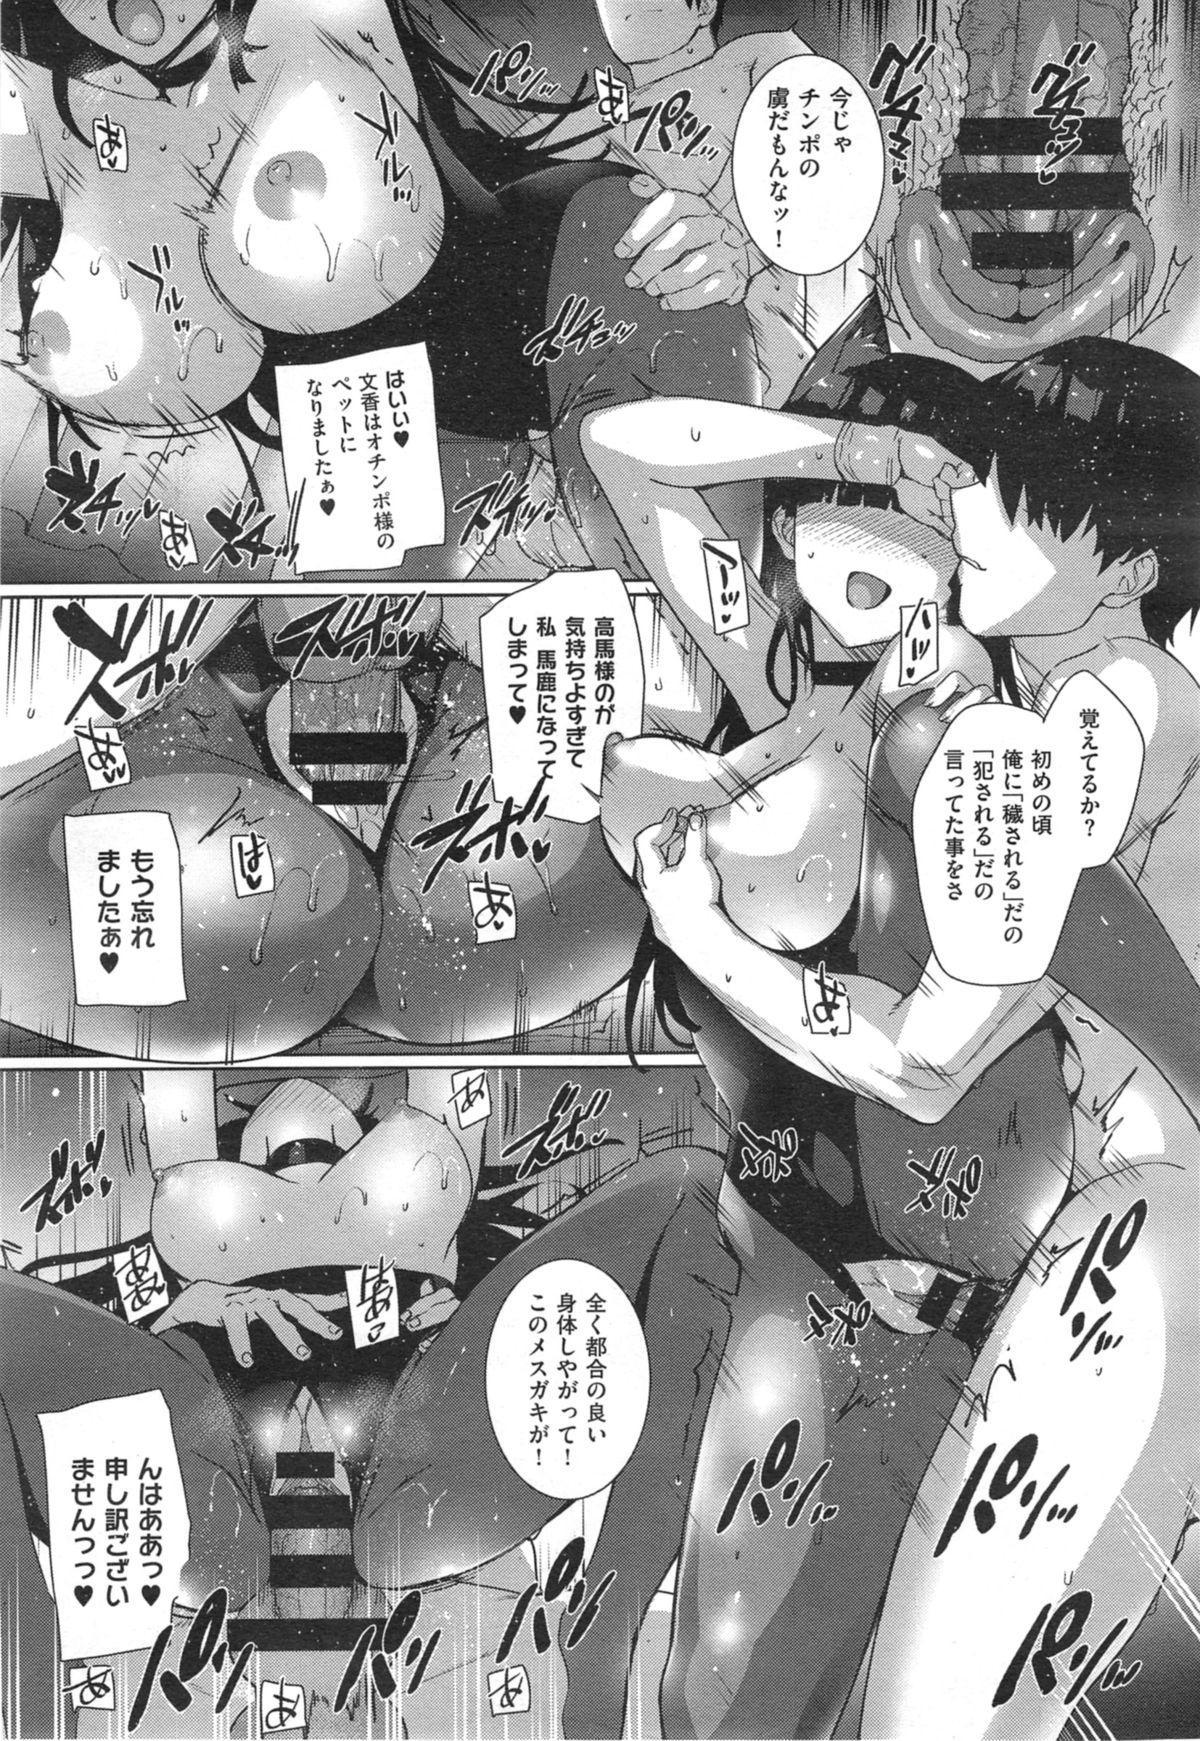 shiramine hibiki no ryoukannisshi 52